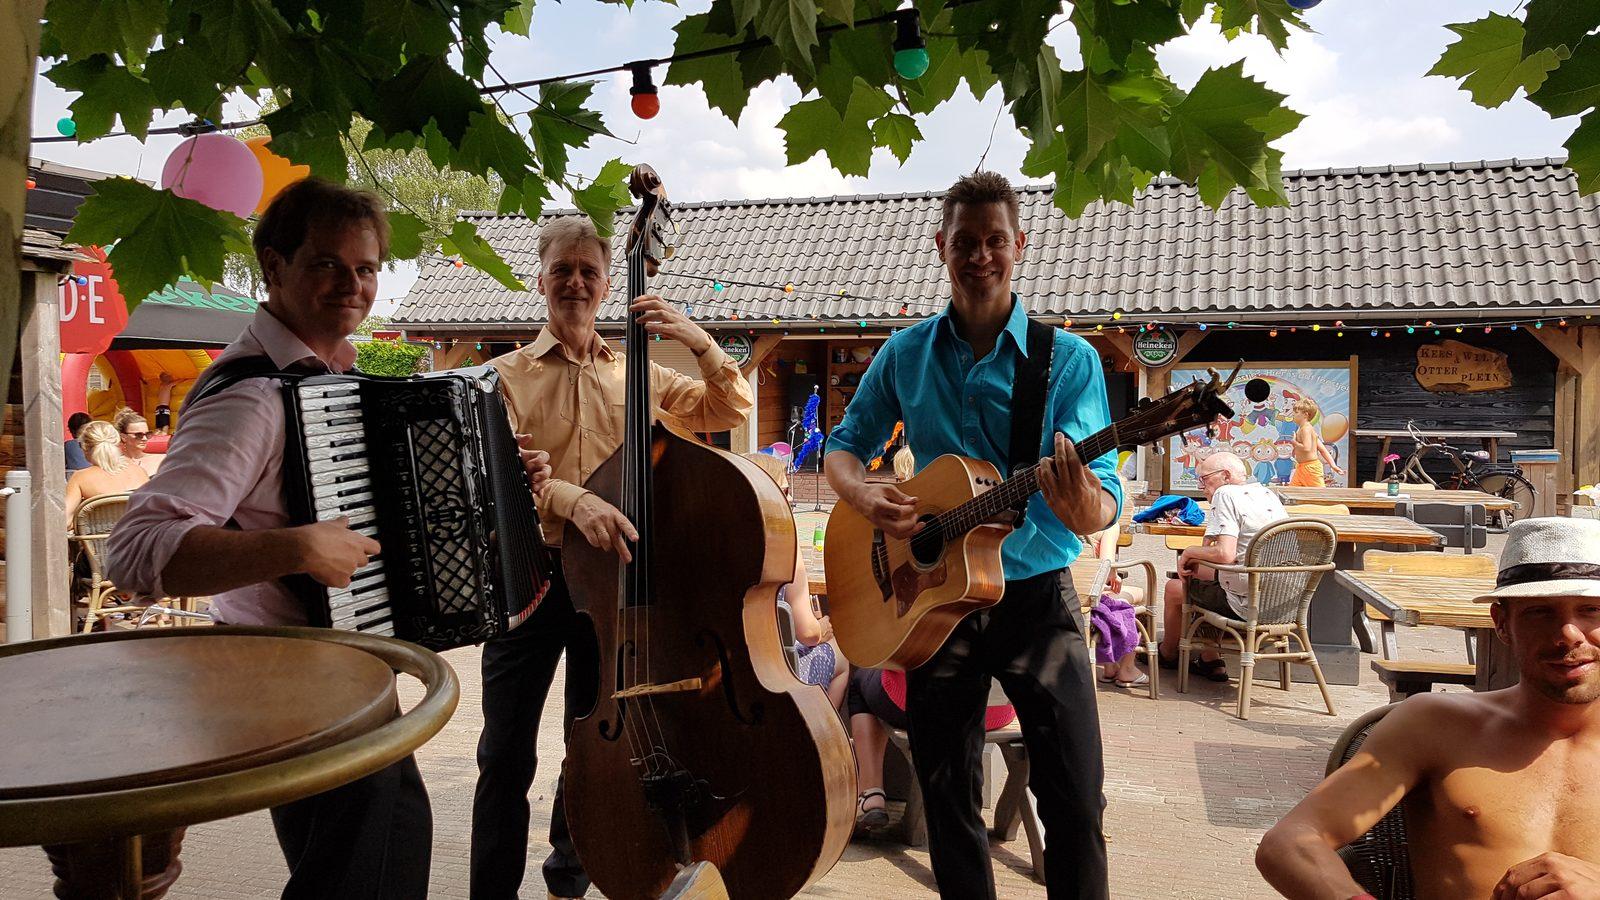 Muziek van Raak! op het plezierplein op De Boshoek